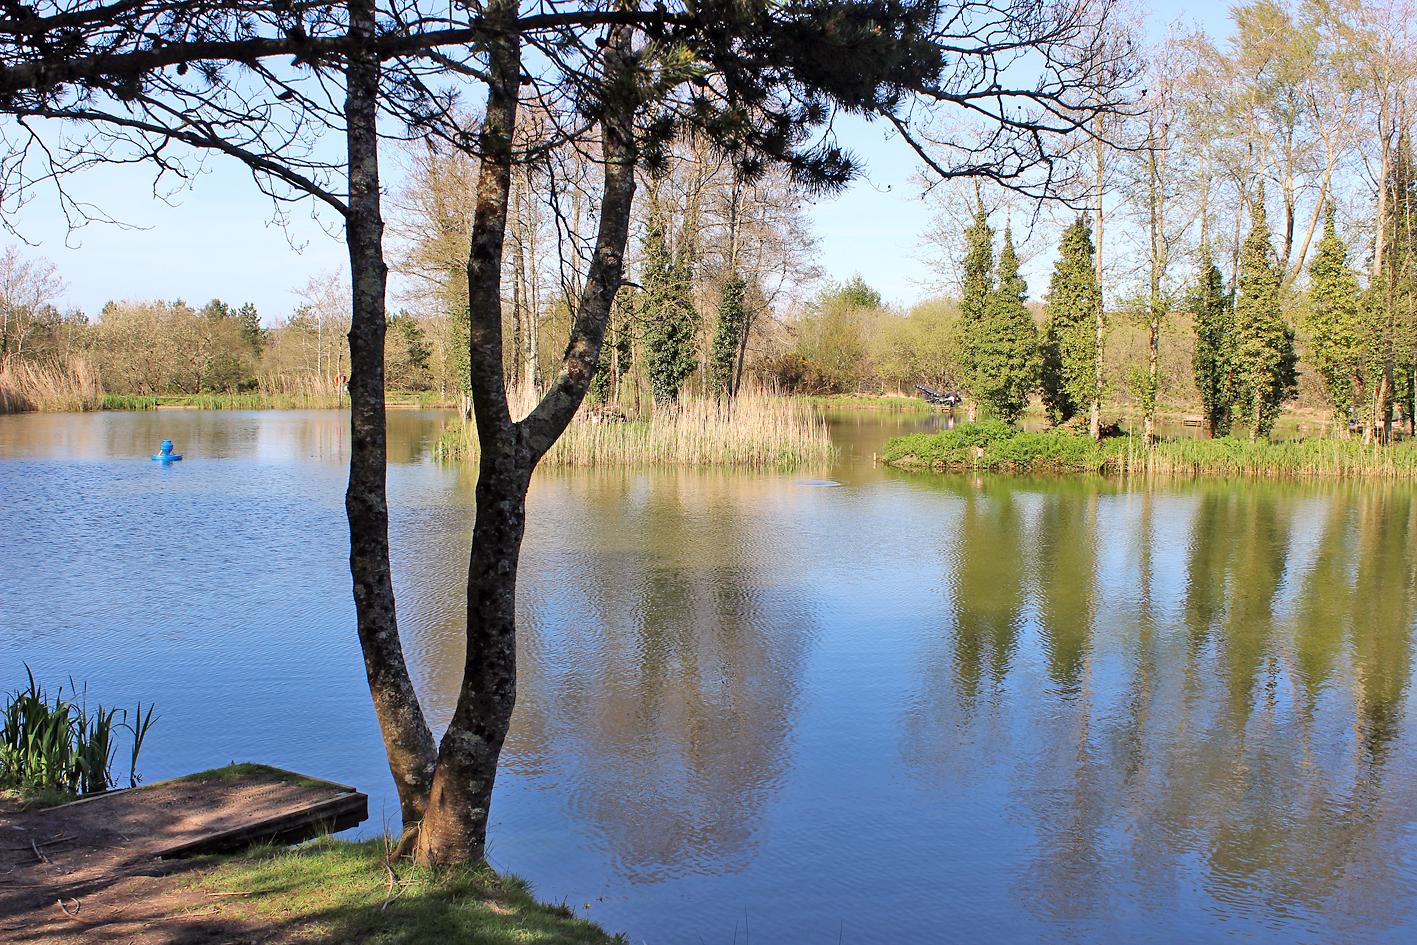 Sycamore lake